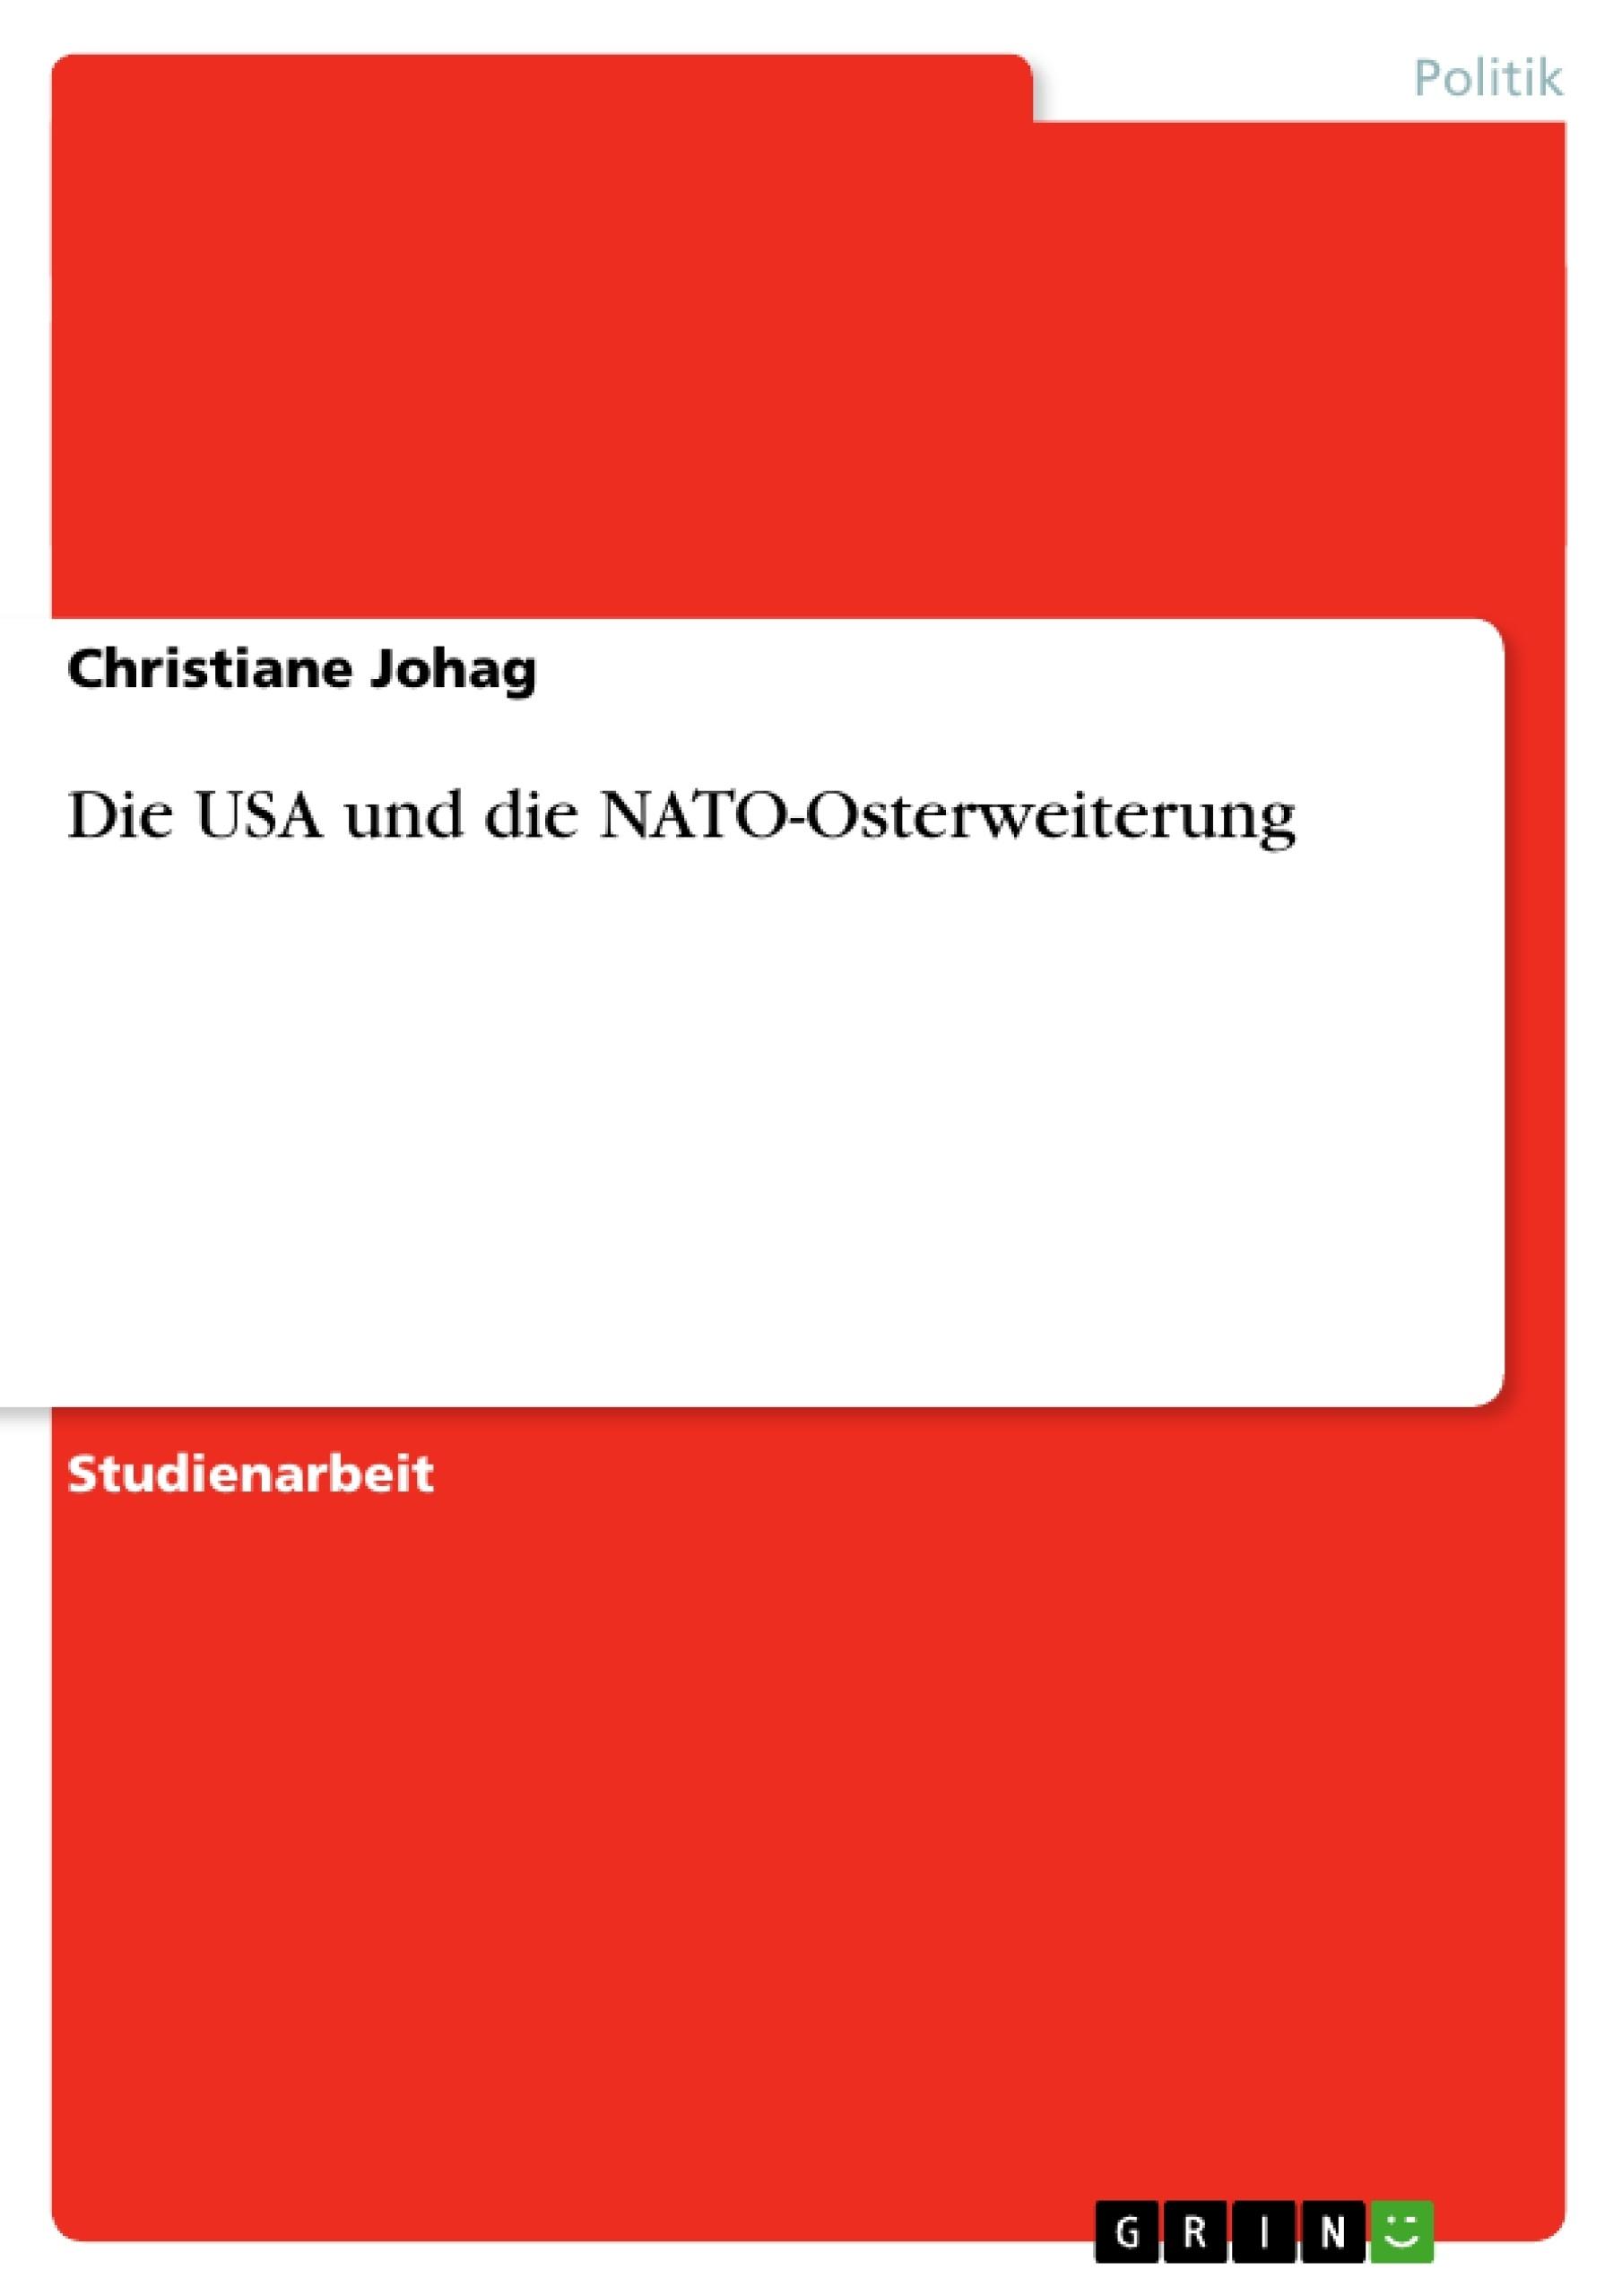 Titel: Die USA und die NATO-Osterweiterung